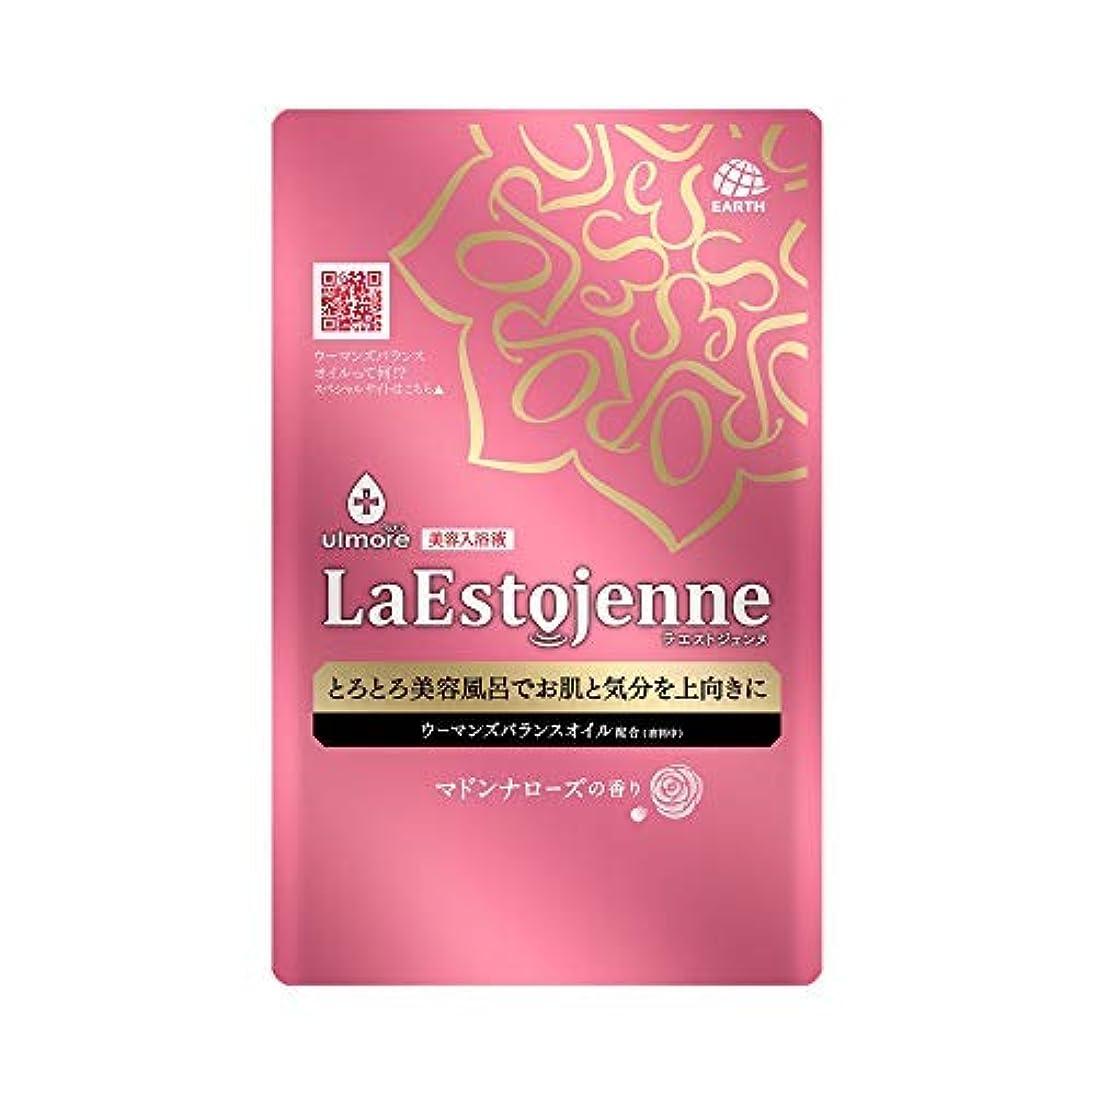 喜び旧正月目の前のウルモア ラエストジェンヌ マドンナローズの香り 1包 × 4個セット